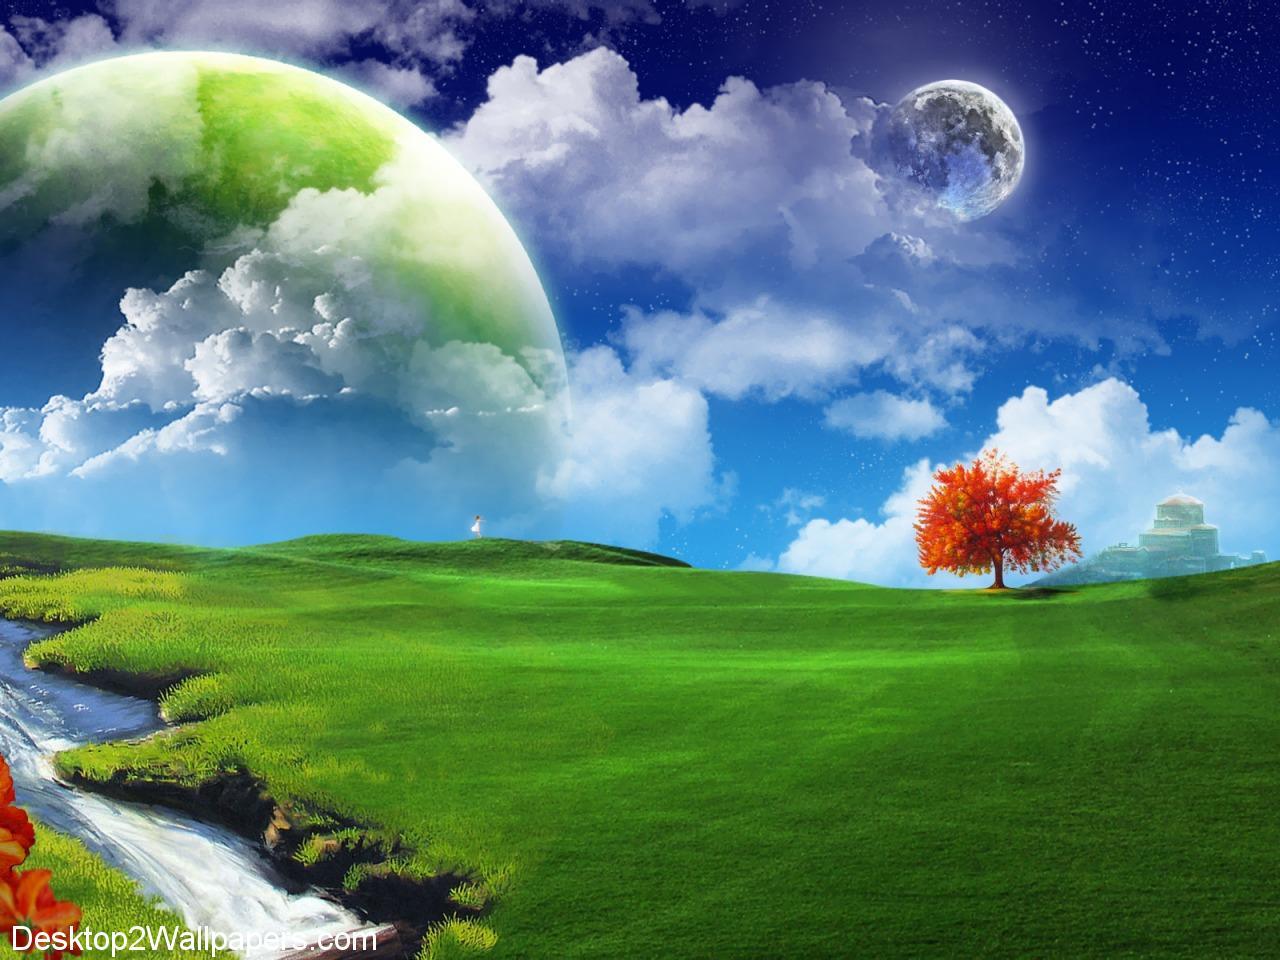 http://3.bp.blogspot.com/-rsivIk54ZEM/UDTKFKEn2VI/AAAAAAAACd8/f1cwpFUtOIE/s1600/Green-Planet-1.jpeg